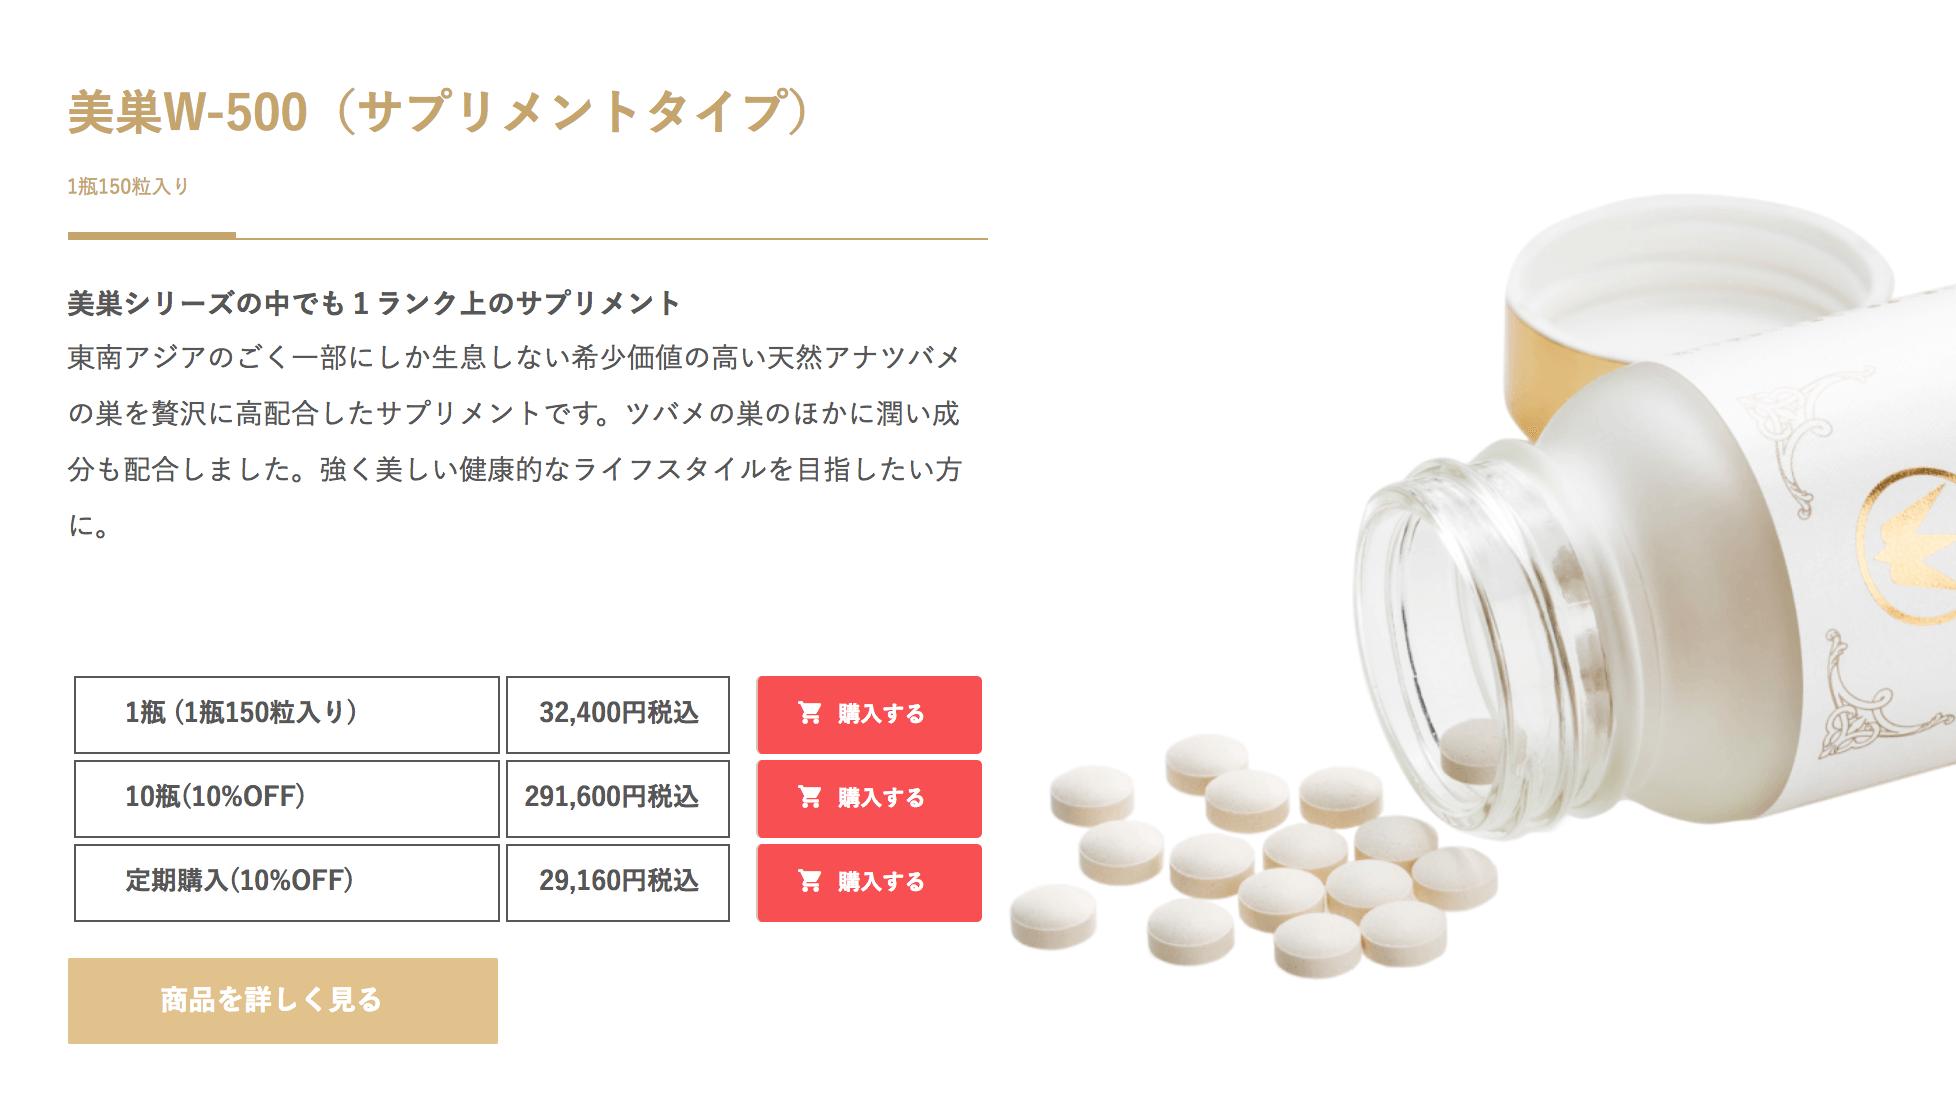 美巣サプリメントの公式サイト